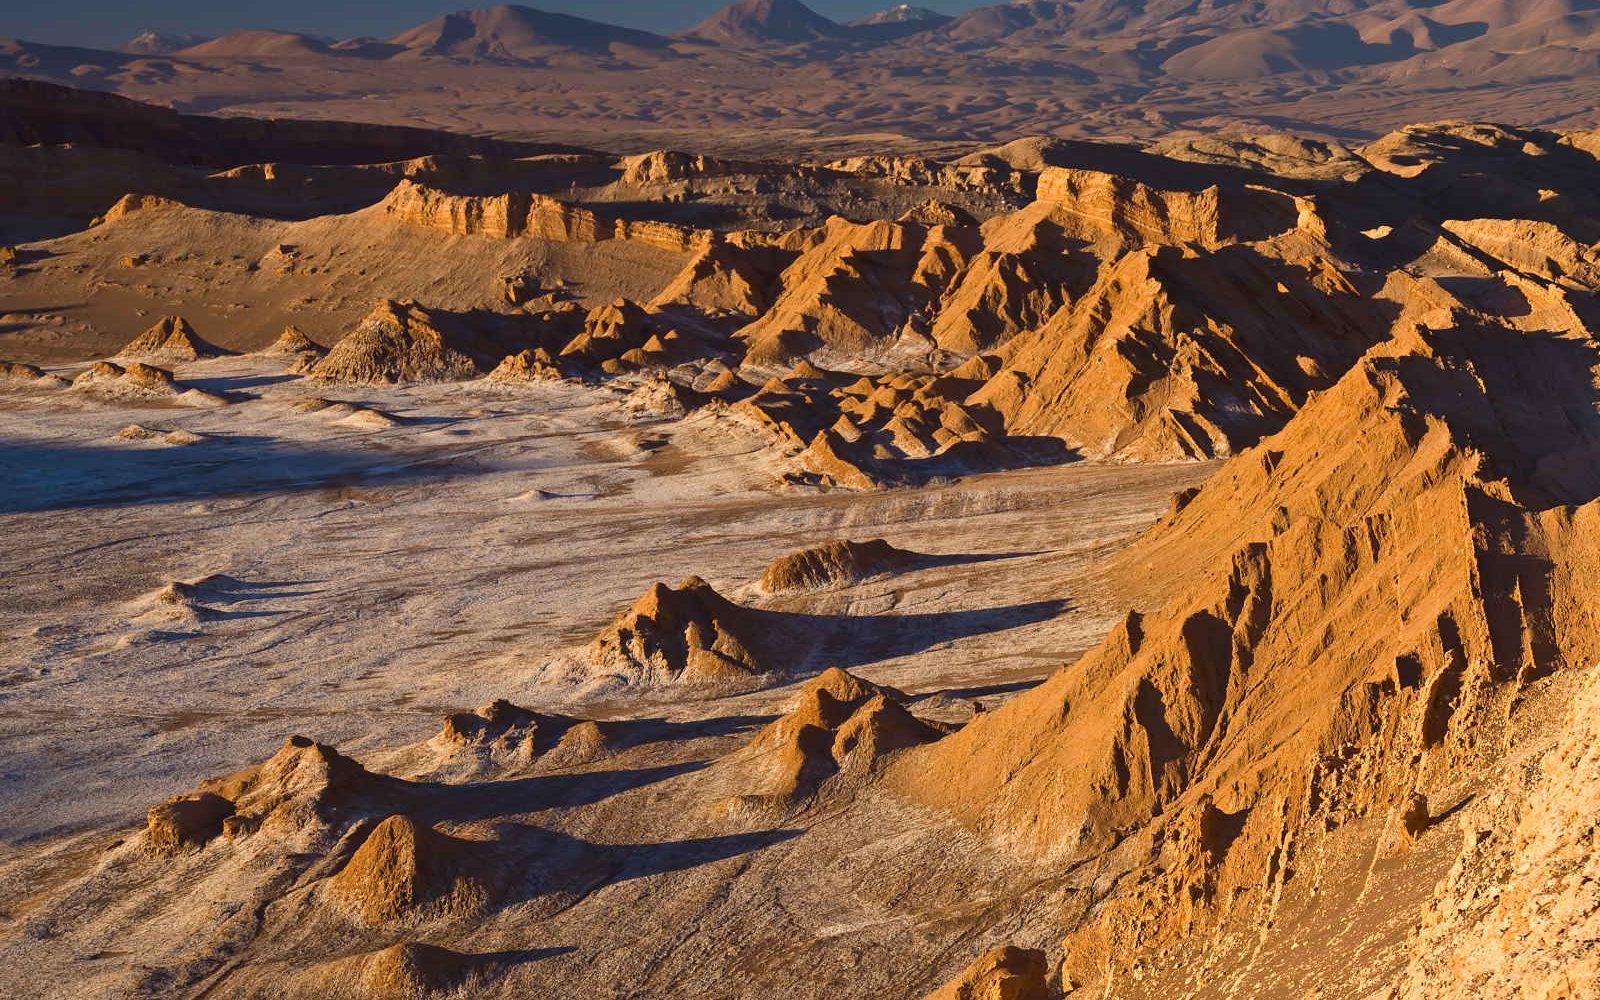 Vallée de la Lune, Désert d'Atacama, Chili